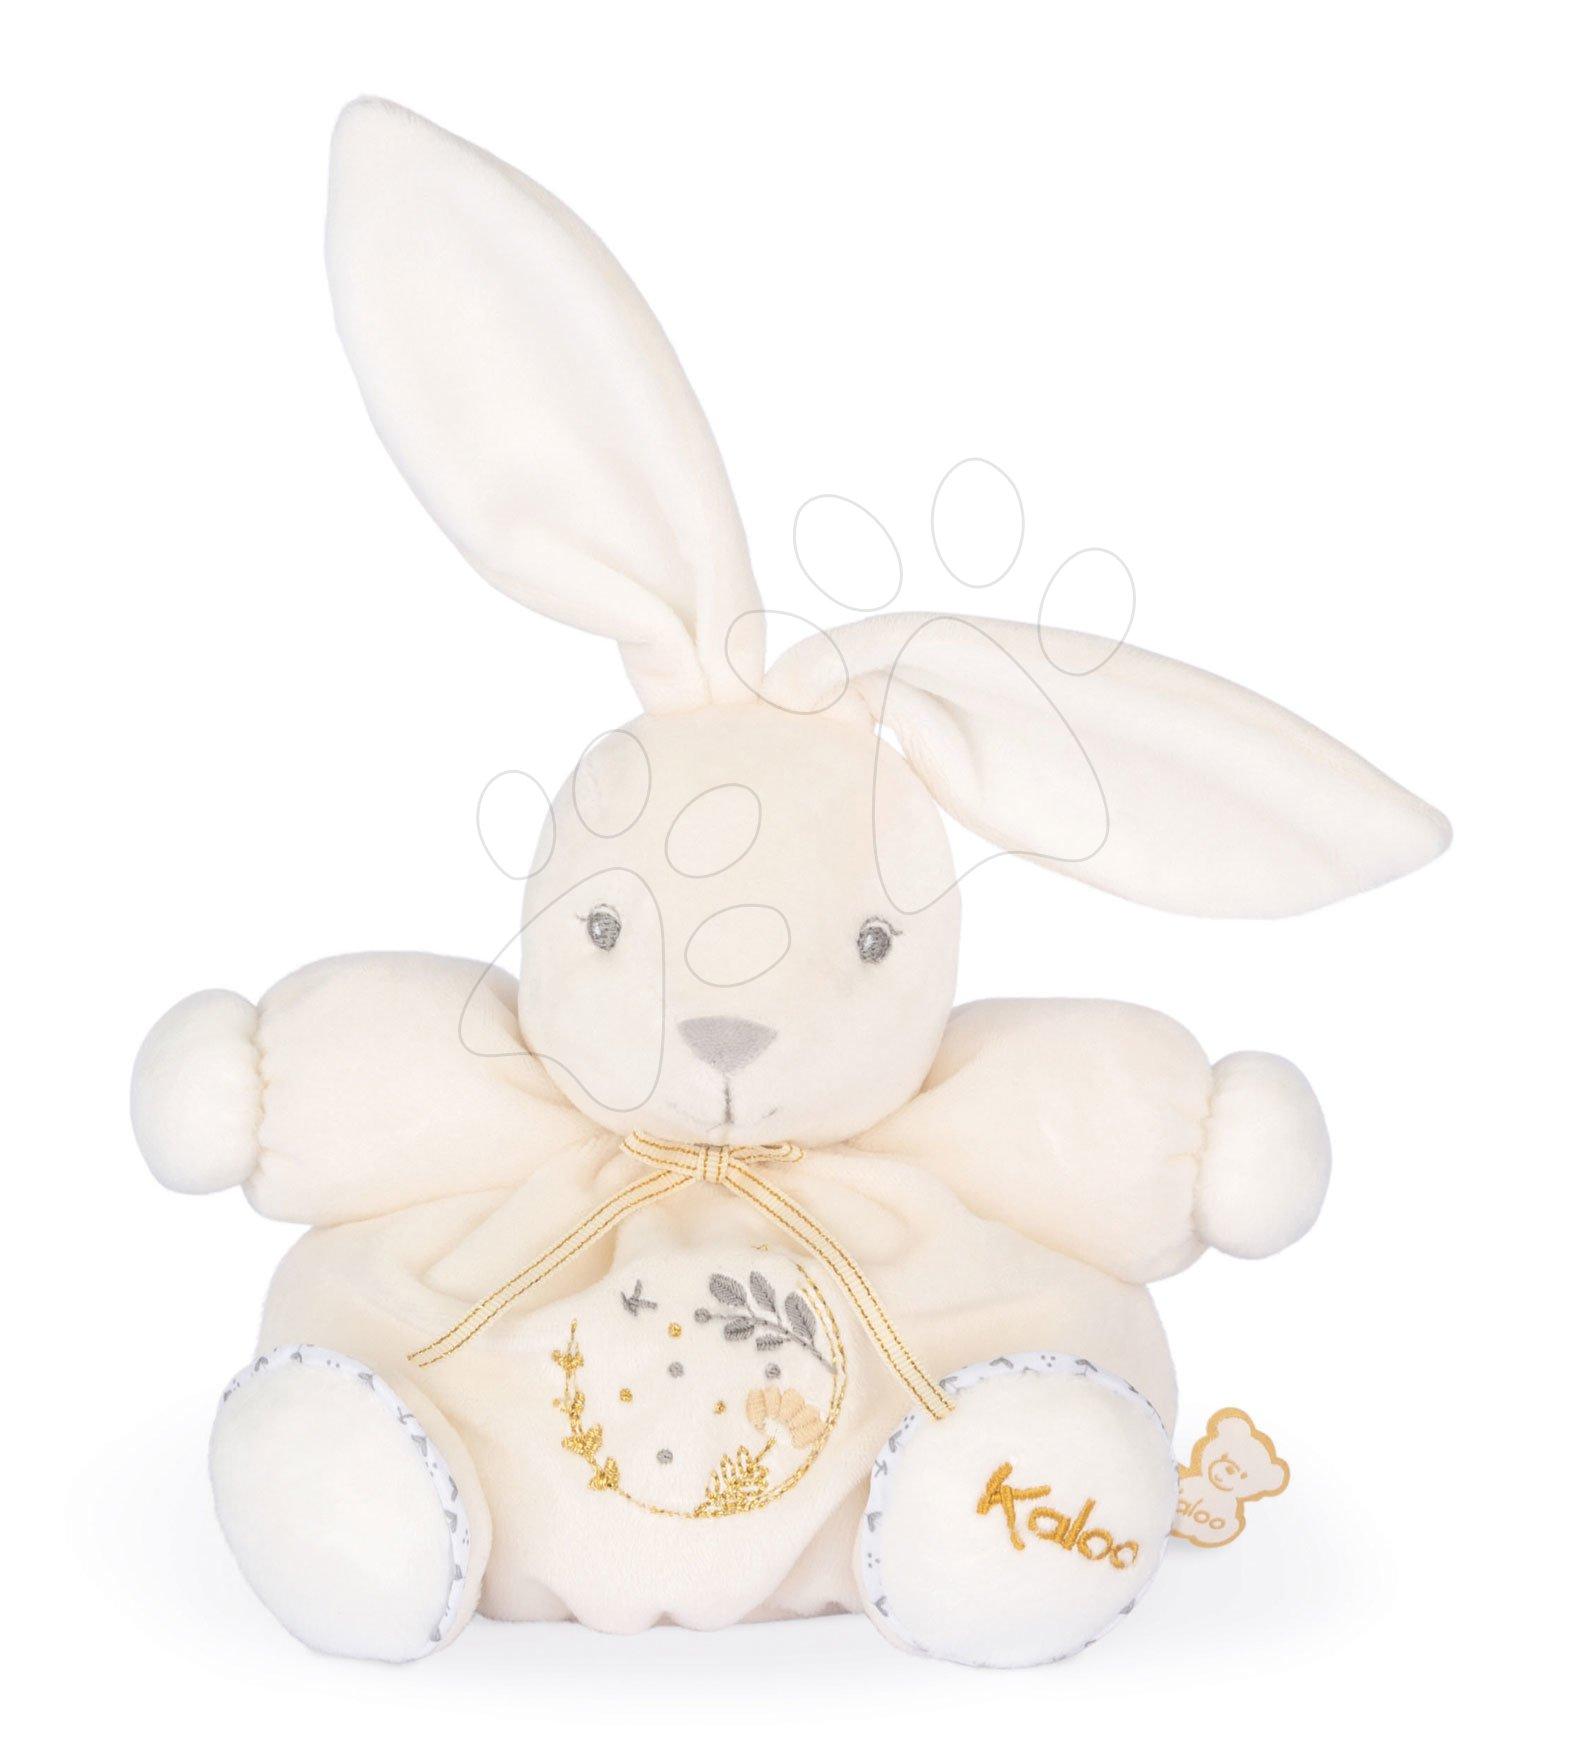 Plyšový zajíček s hudbou Chubby Musical Rabbit Cream Perle Kaloo krémový 18 cm 'All the pretty little horse' s melodií od 0 měsíců